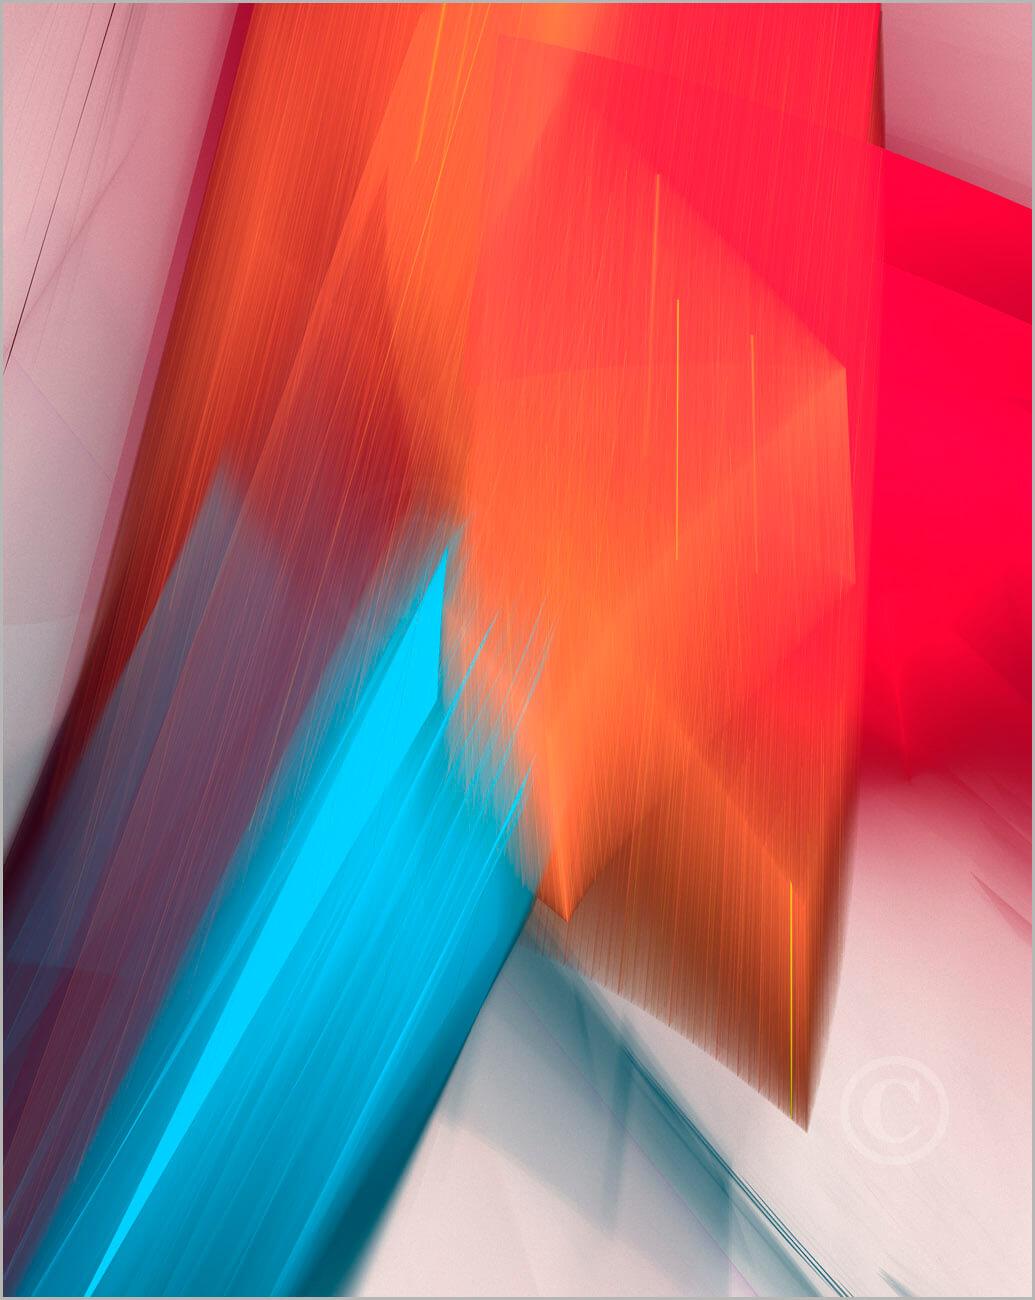 Colorshapes_F2_2833_L